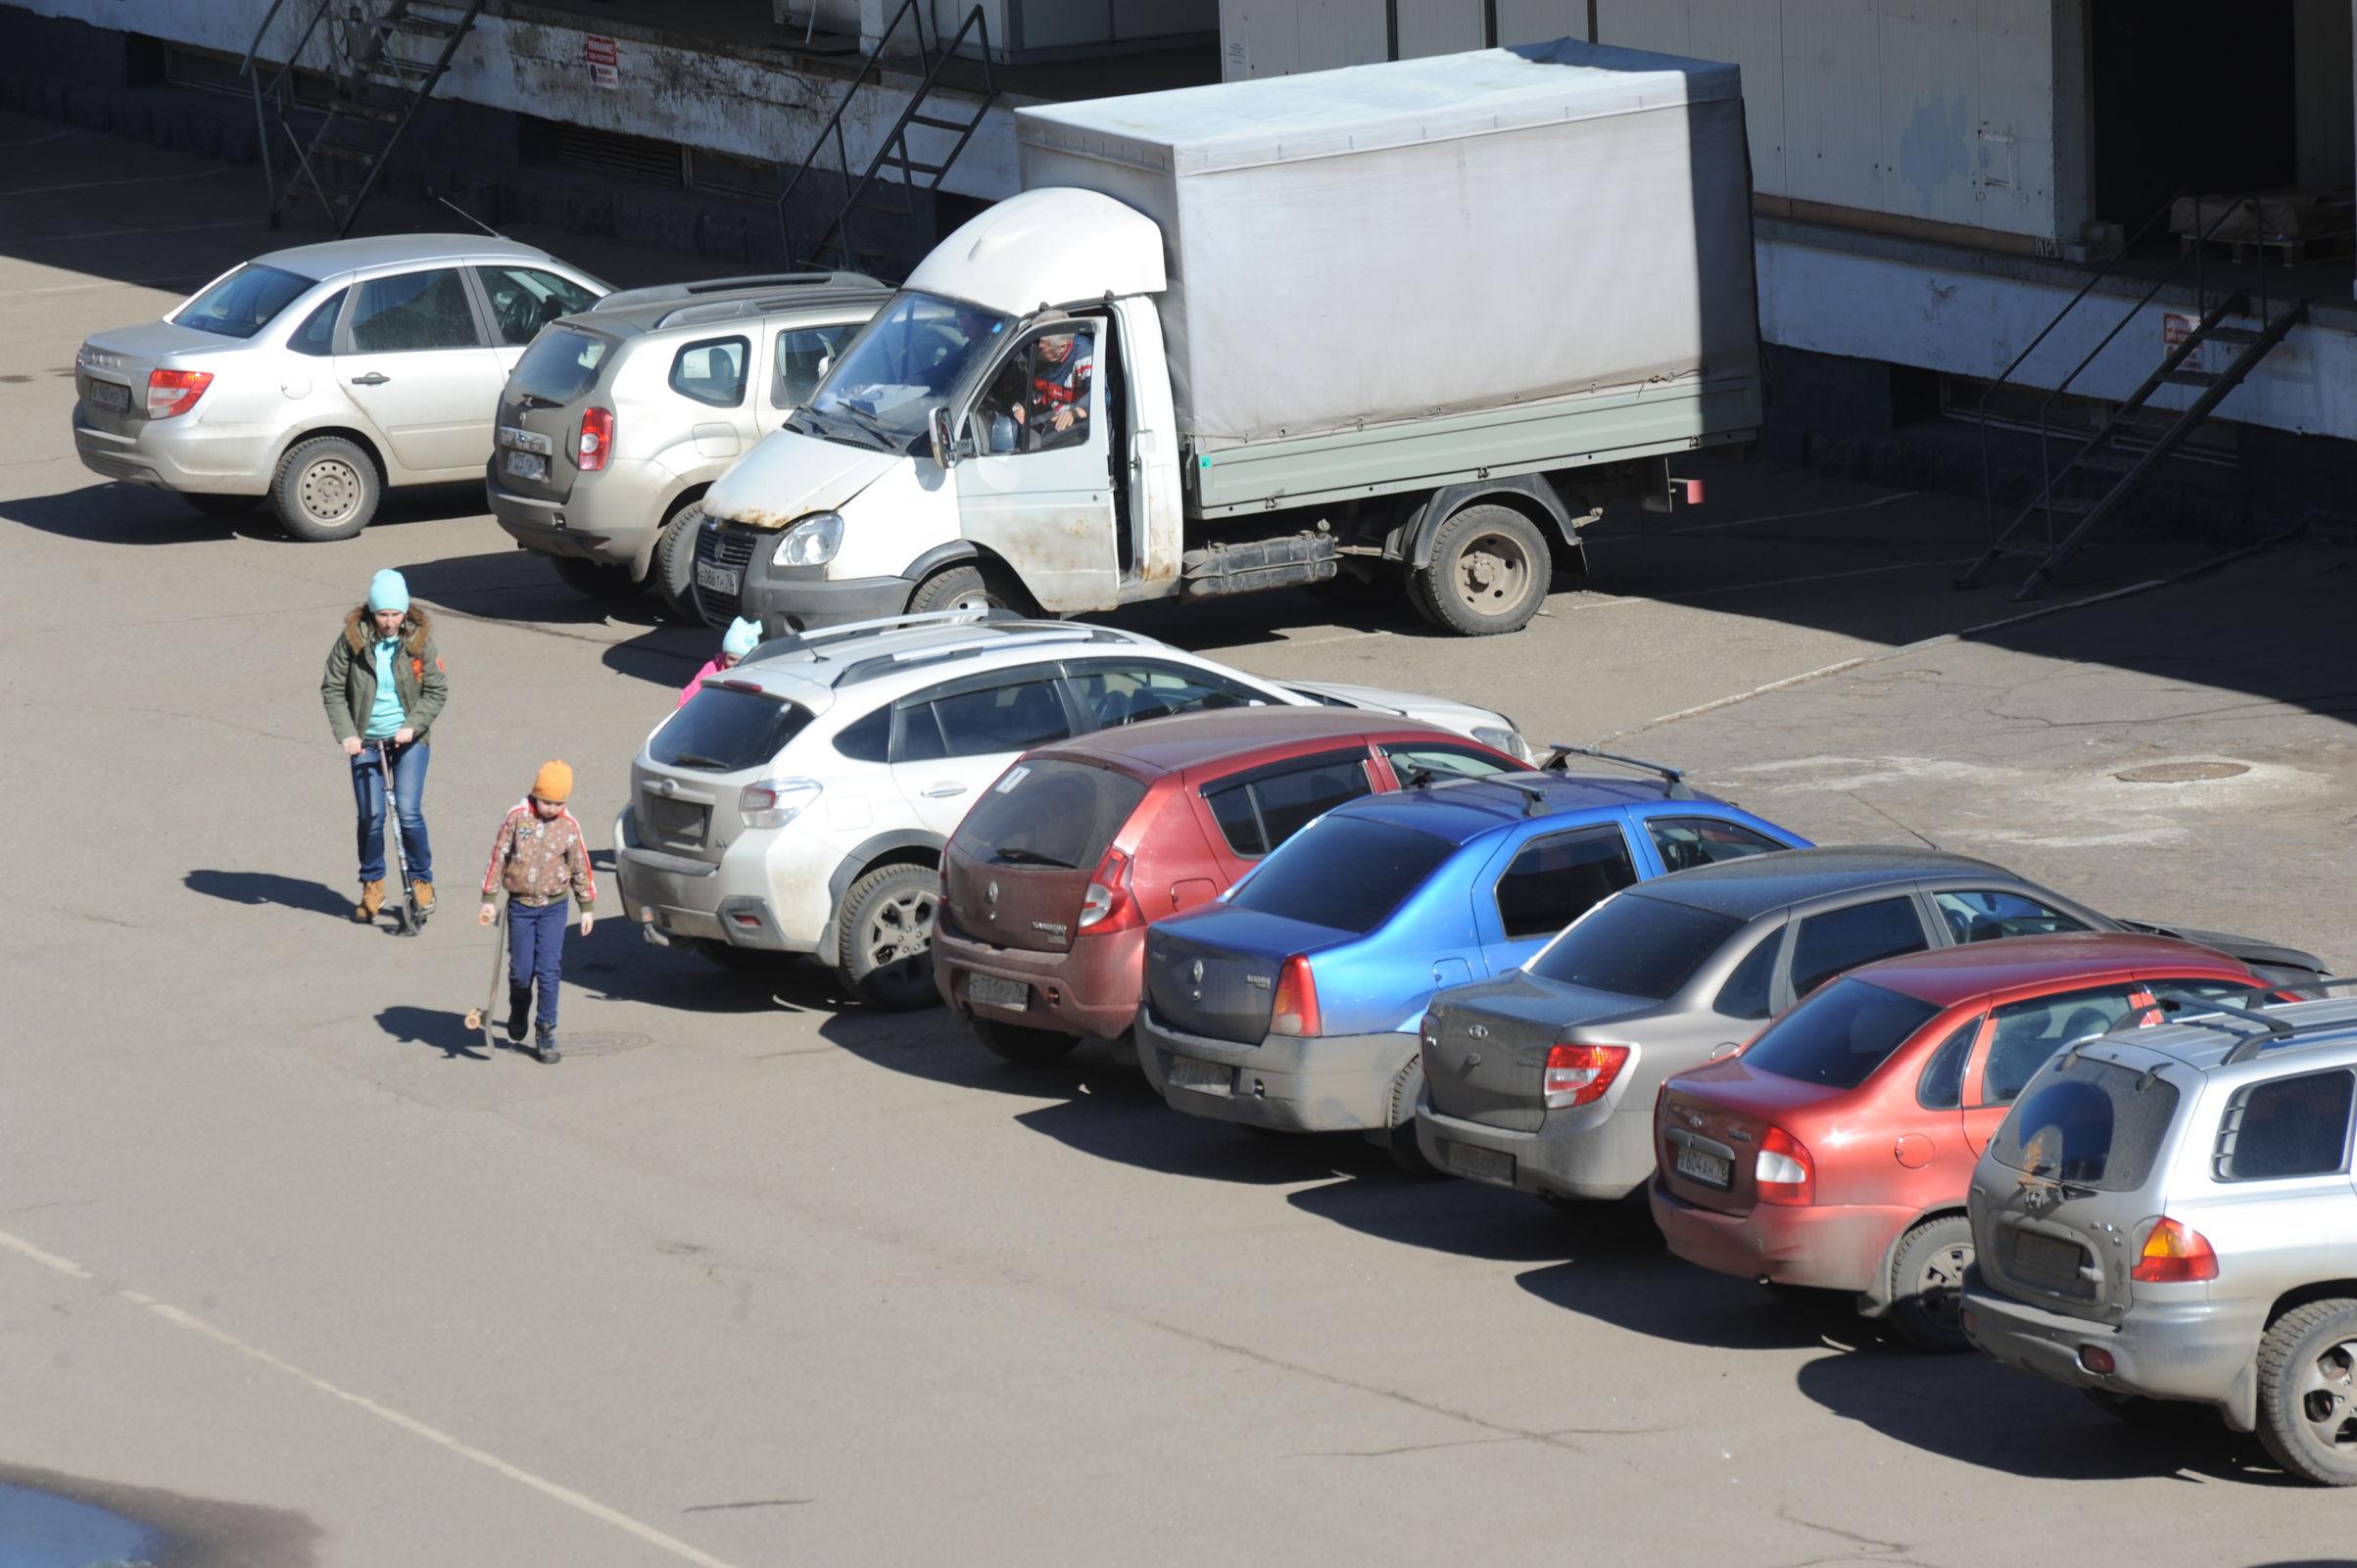 Глава УГИБДД: за полгода в Ярославской области в авариях пострадало чуть меньше тысячи человек